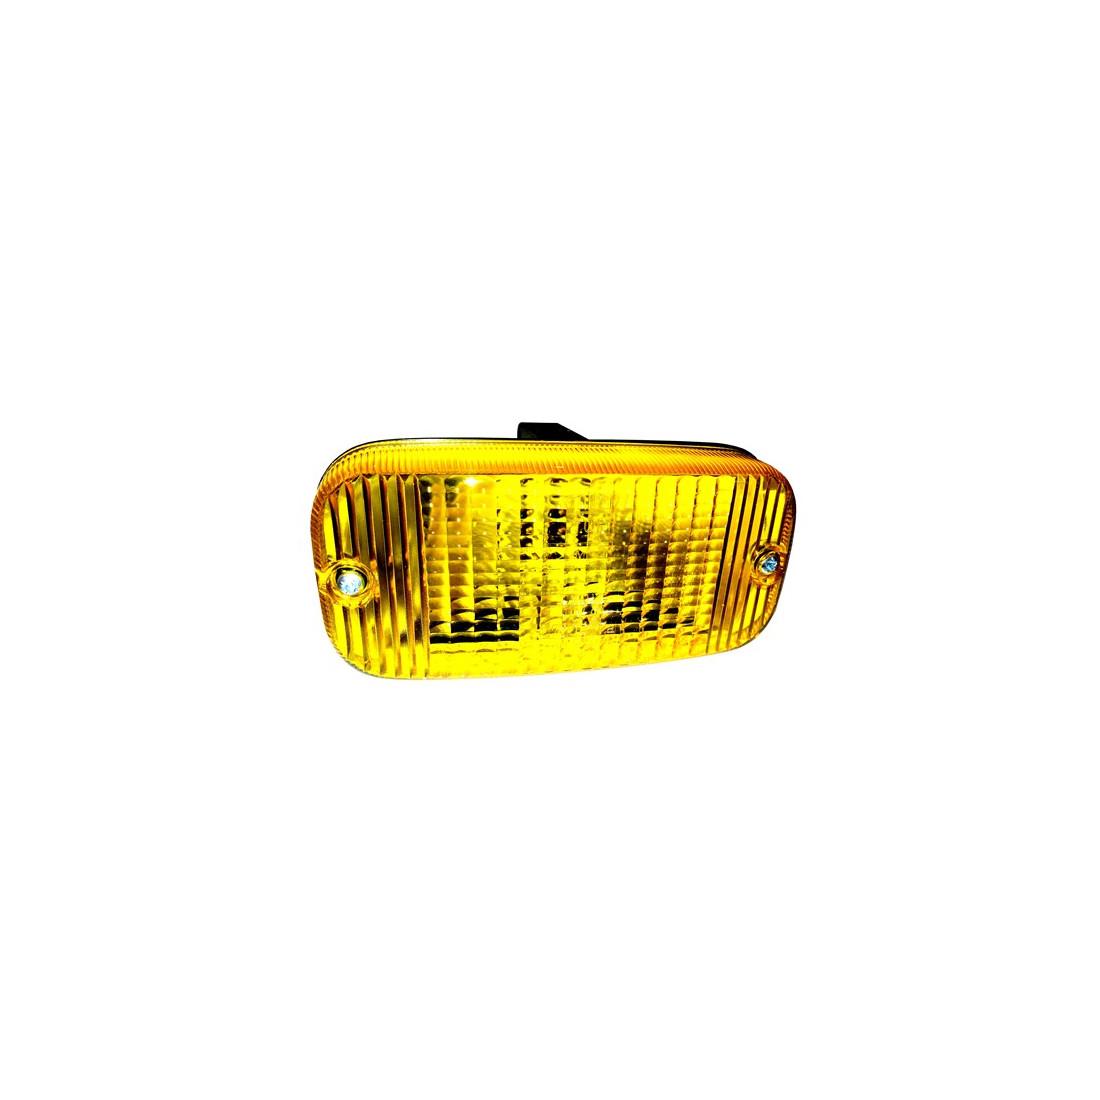 Cytrynki TALMU żółte w zderzak lampy tuning